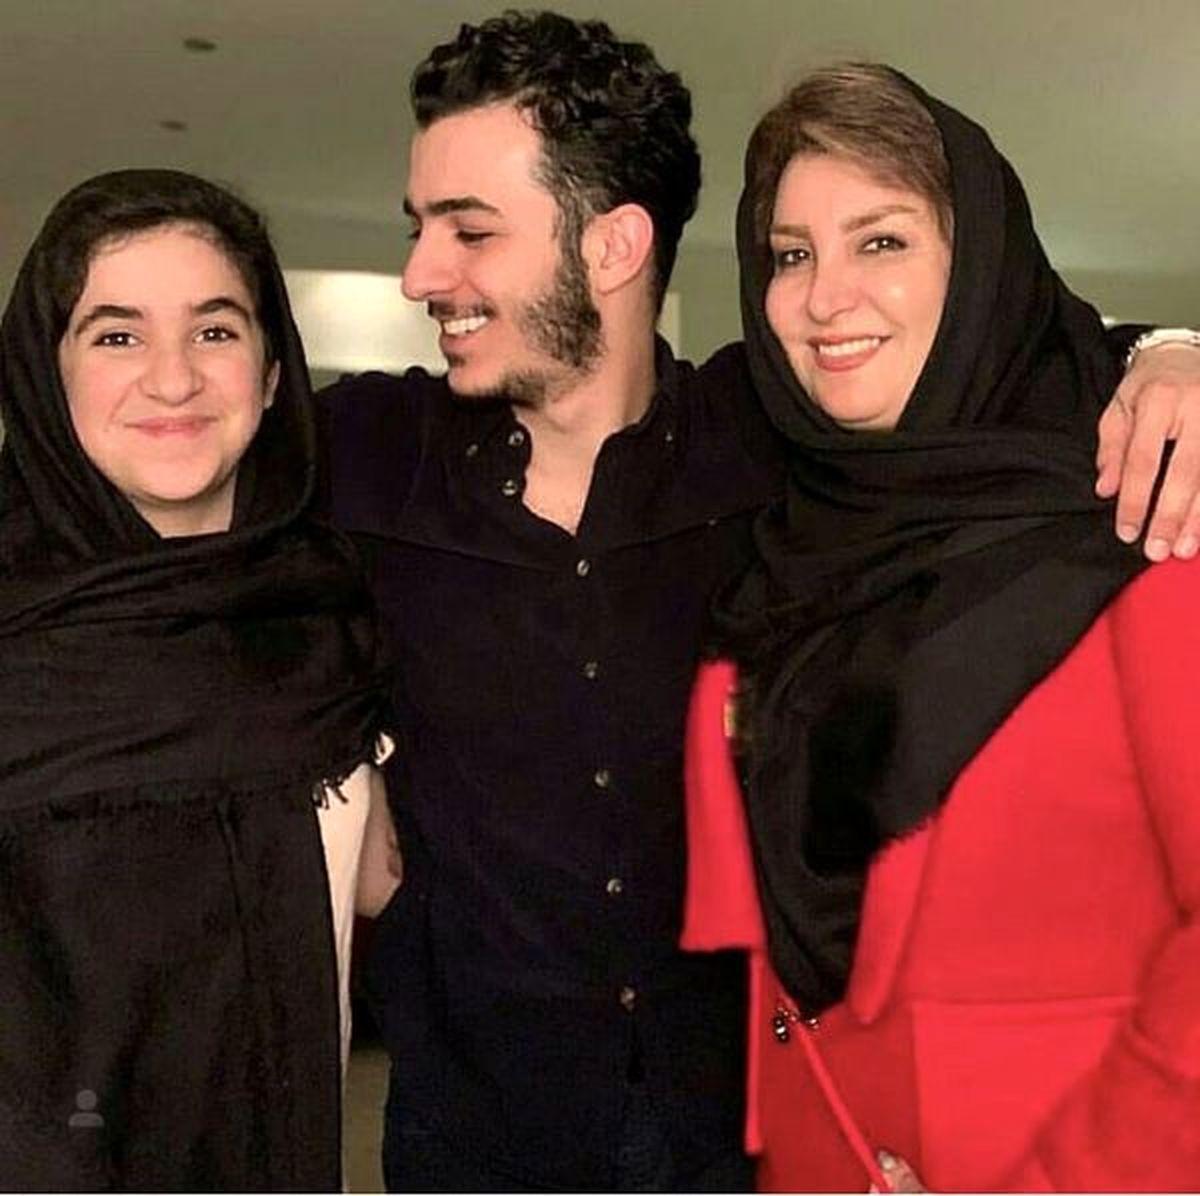 شباهت باورنکردنی علی شادمان به خواهر کوچکش + عکس